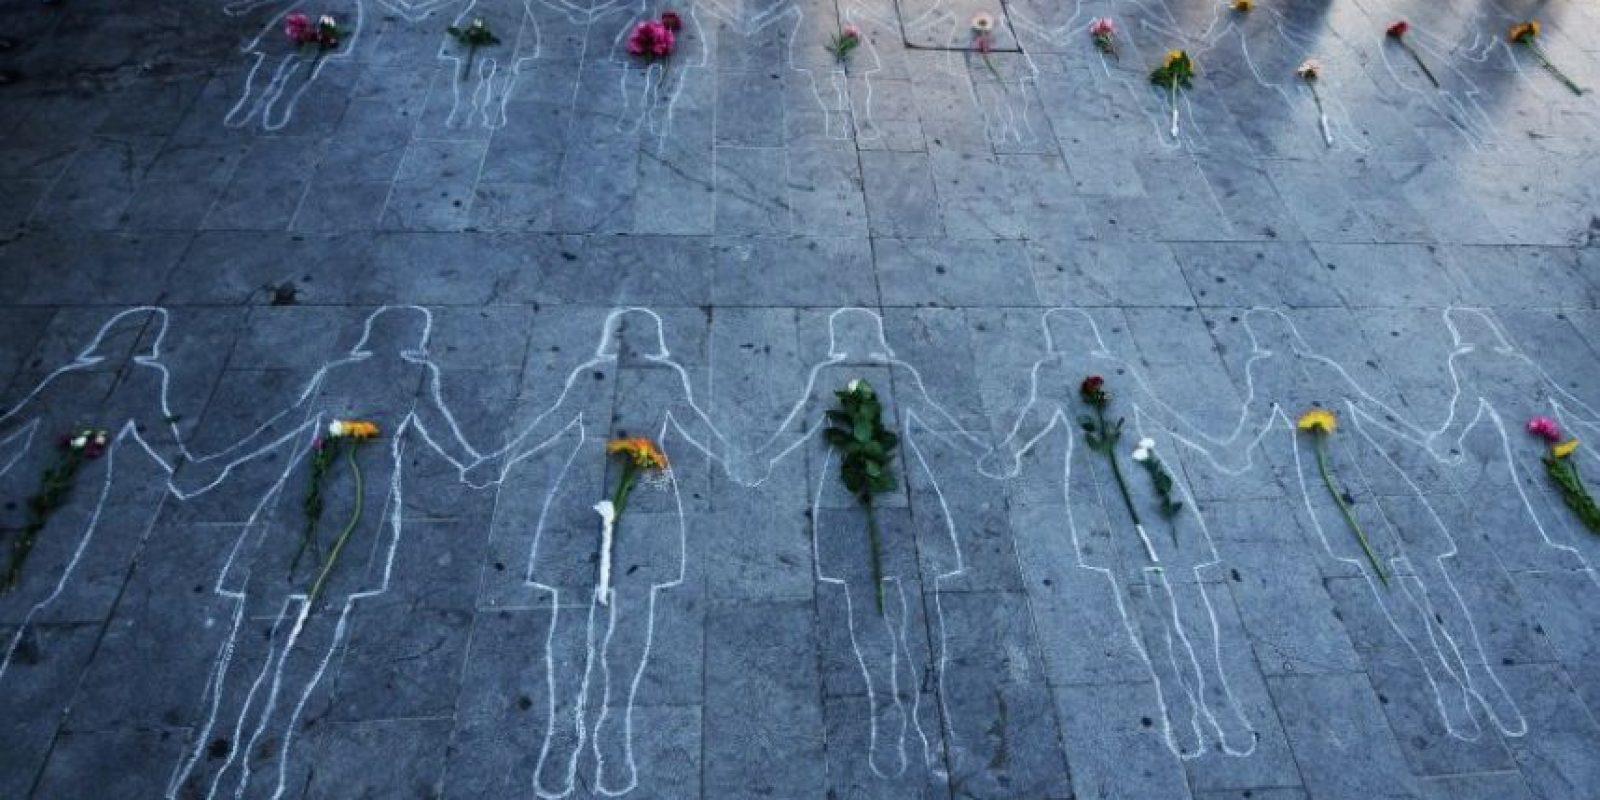 Mujeres pierden la vida a manos de parejas. En solo dos días cuatro mujeres murieron a manos de sus exparejas en el país, según datos de la Policía Nacional.Los hechos ocurrieron en Santiago, Puerto Plata y el Distrito Nacional, en los cuales dos de los homicidas se suicidaron e igual número permanece prófugos.Las víctimas son Soraida Mercedes Morel Jiménez, de 37 años; Macdielis Antonia Blanco Marte, de 25; Yeraldina Altagracia Gil Ramos, de 40; y Yasime Mersitha de 35 años, ésta última de nacionalidad haitiana. Foto:Feunte externa